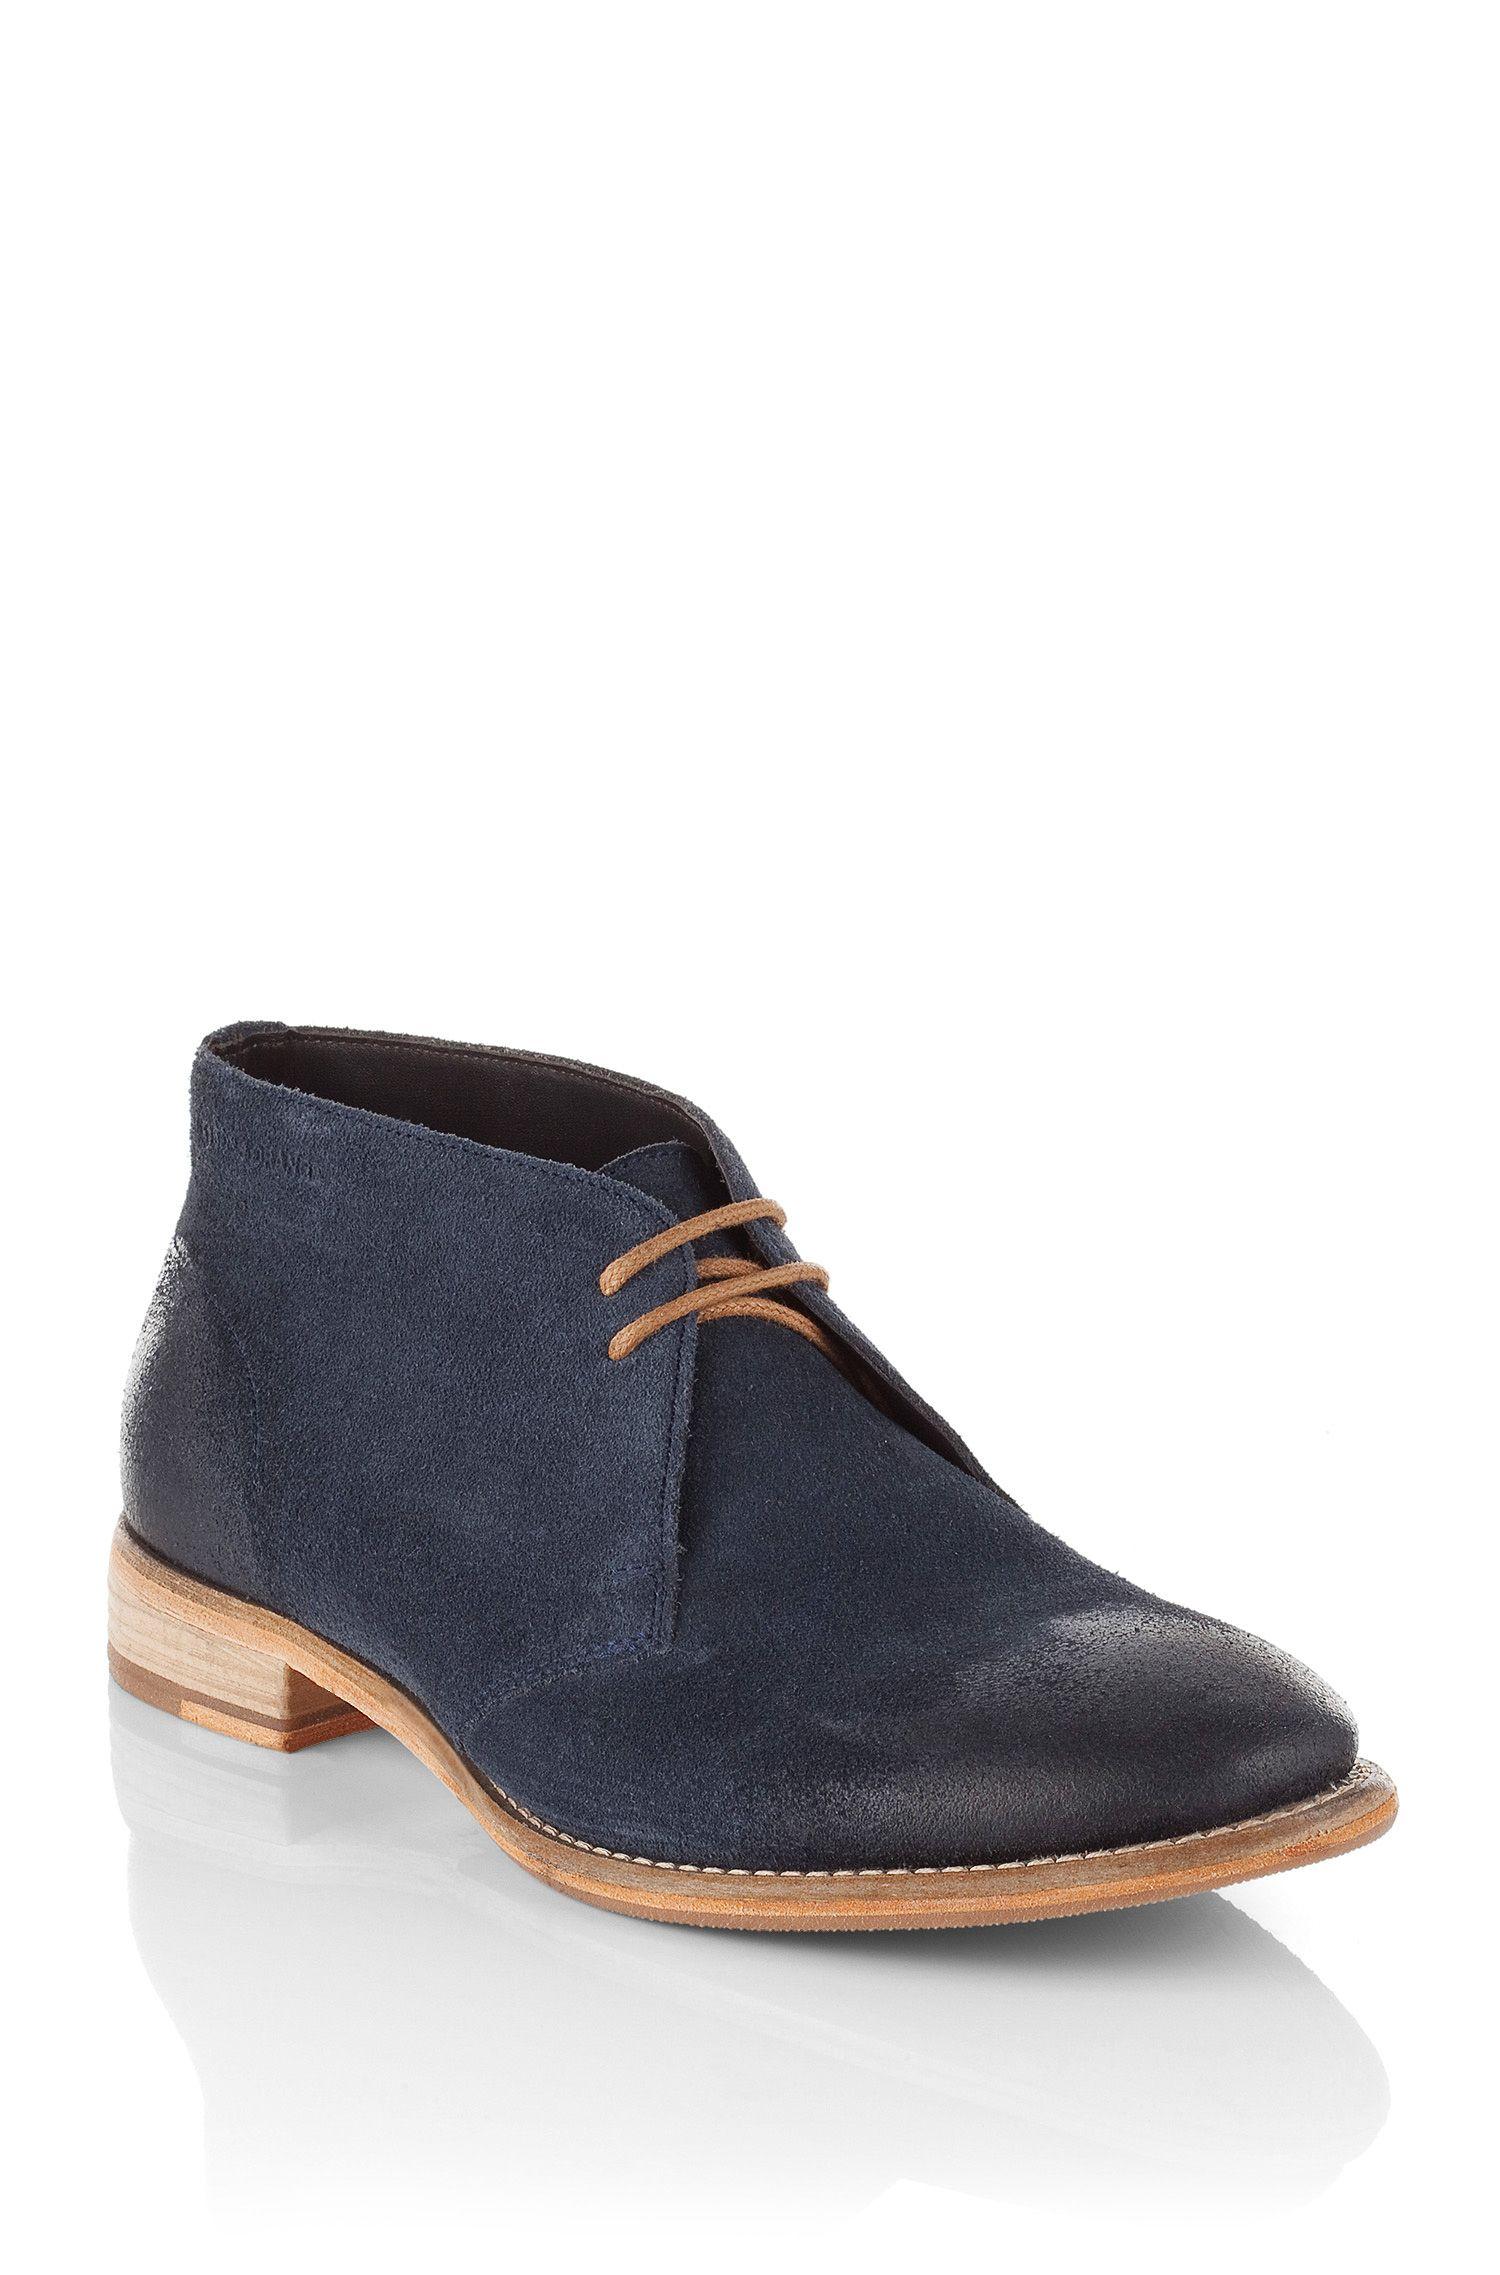 Chaussure en cuir style bottine désert, Sailoc